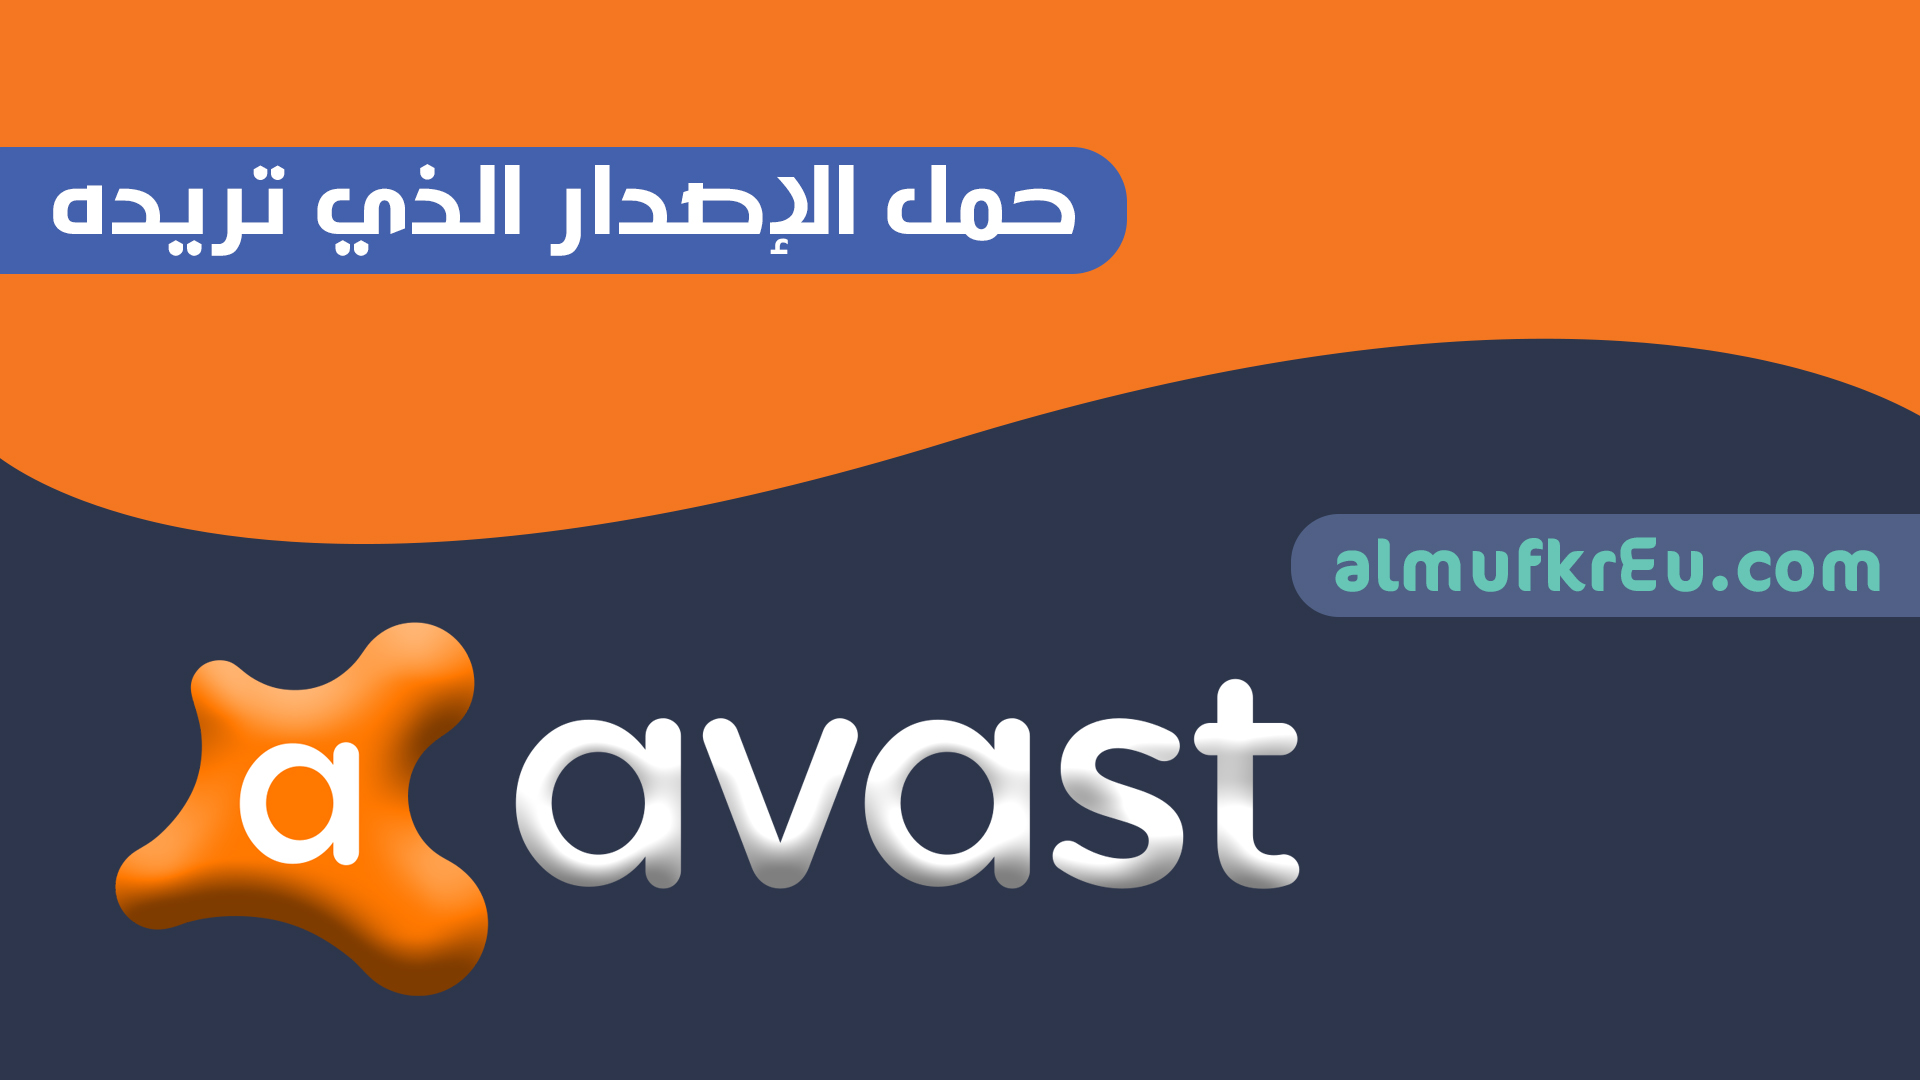 شرح طريقة تحميل جميع اصدارات افاست Avast عملاق الحماية تحميل اوفلاين و اونلاين بروابط مباشره من الموقع الرسمي  Download all versions of avast